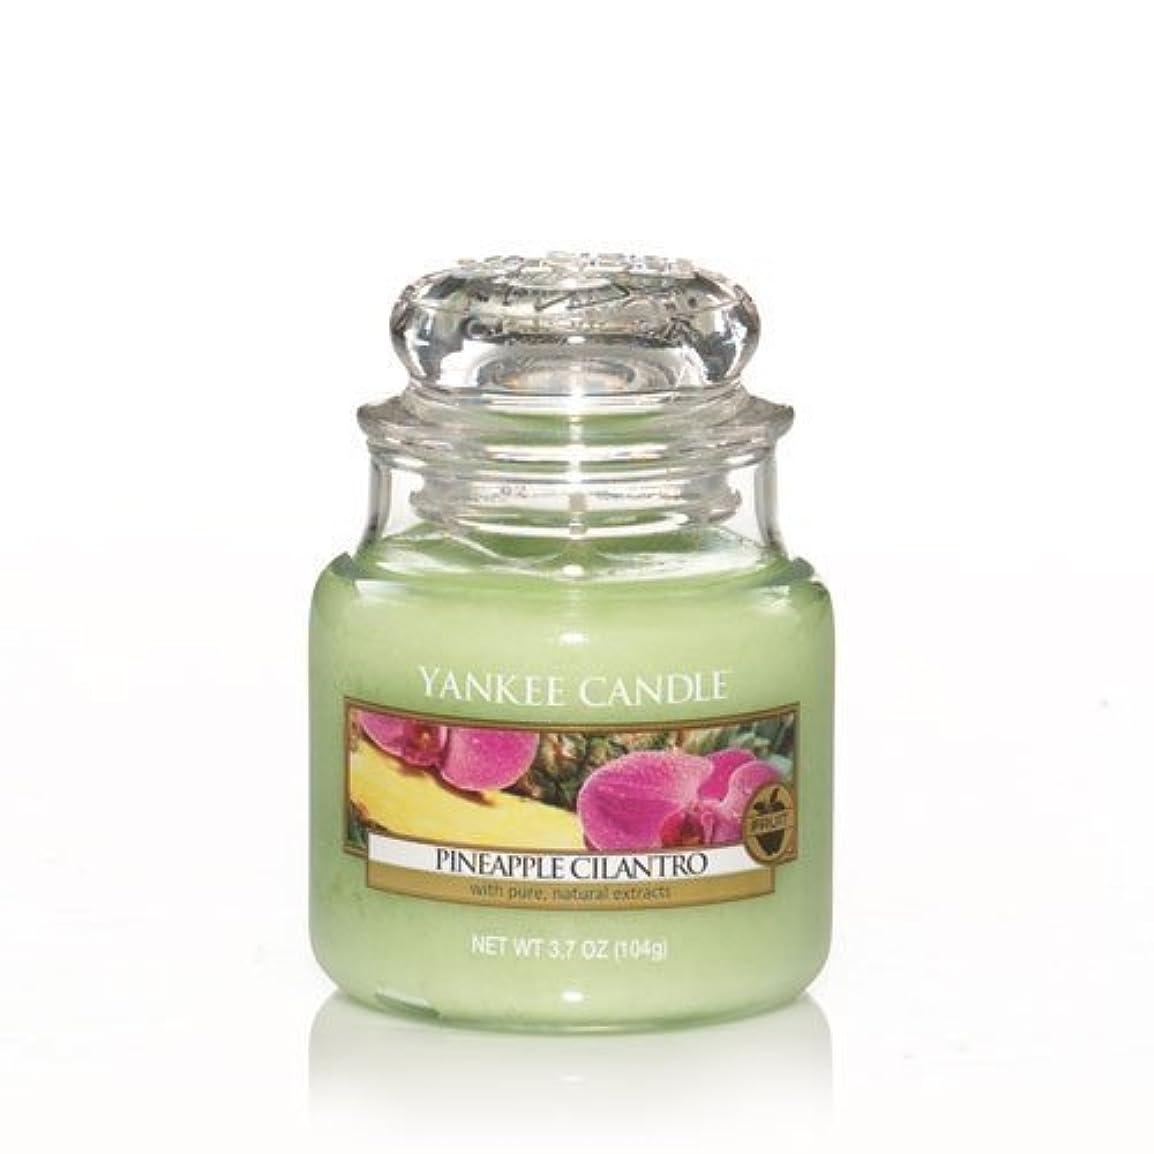 受益者パネルファントムYankee Candle Pineapple Cilantro Small Jar Candle, Fruit Scent by Yankee Candle Co. [並行輸入品]